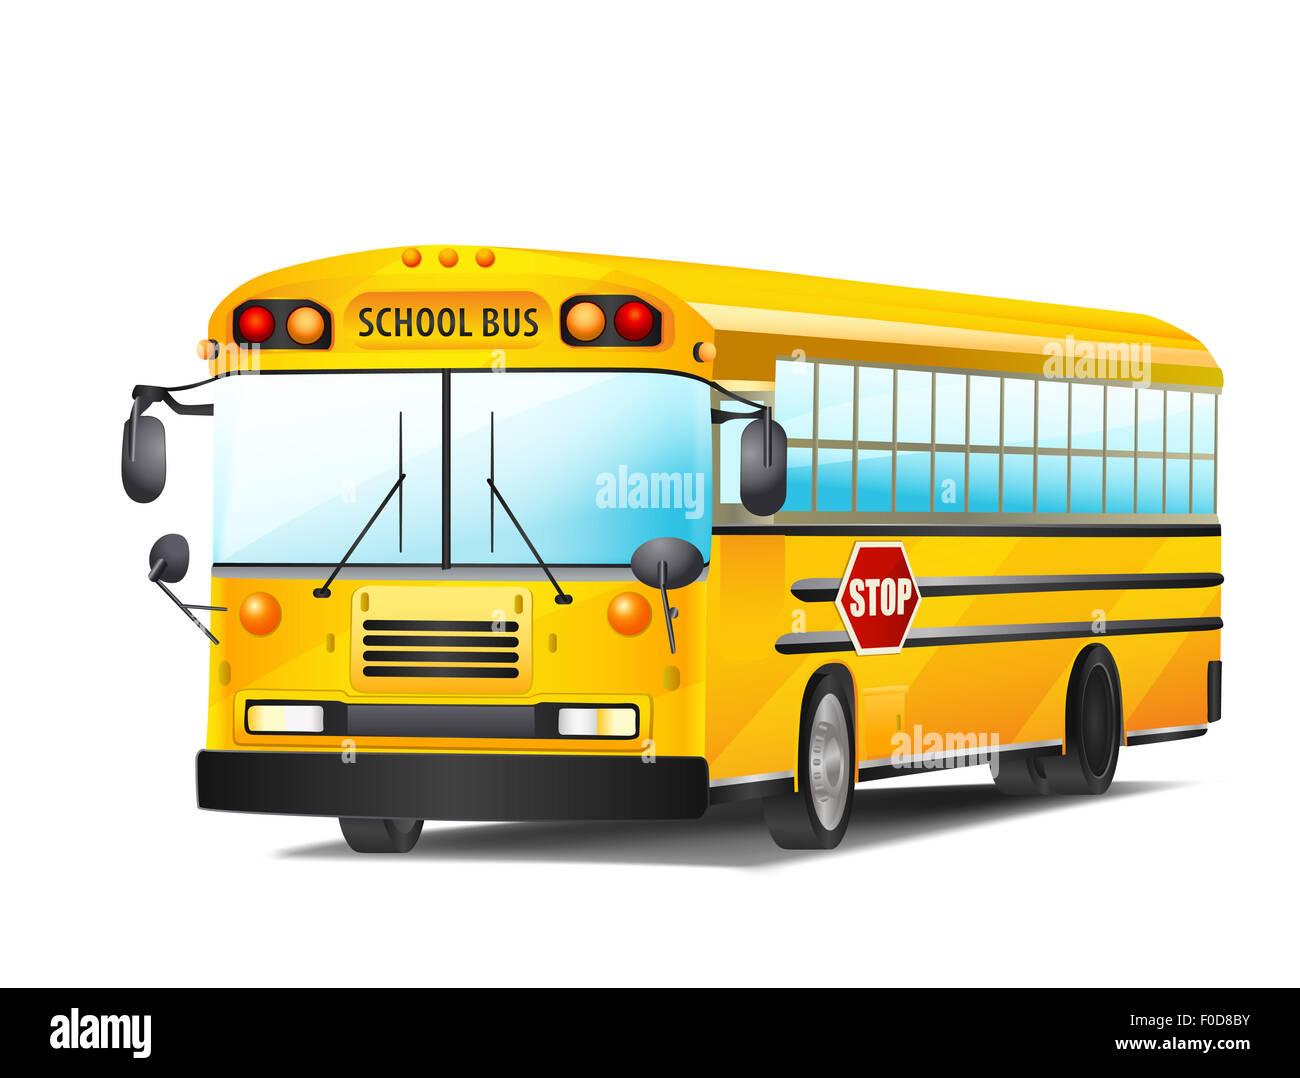 school bus on white. raster illustration - Stock Image